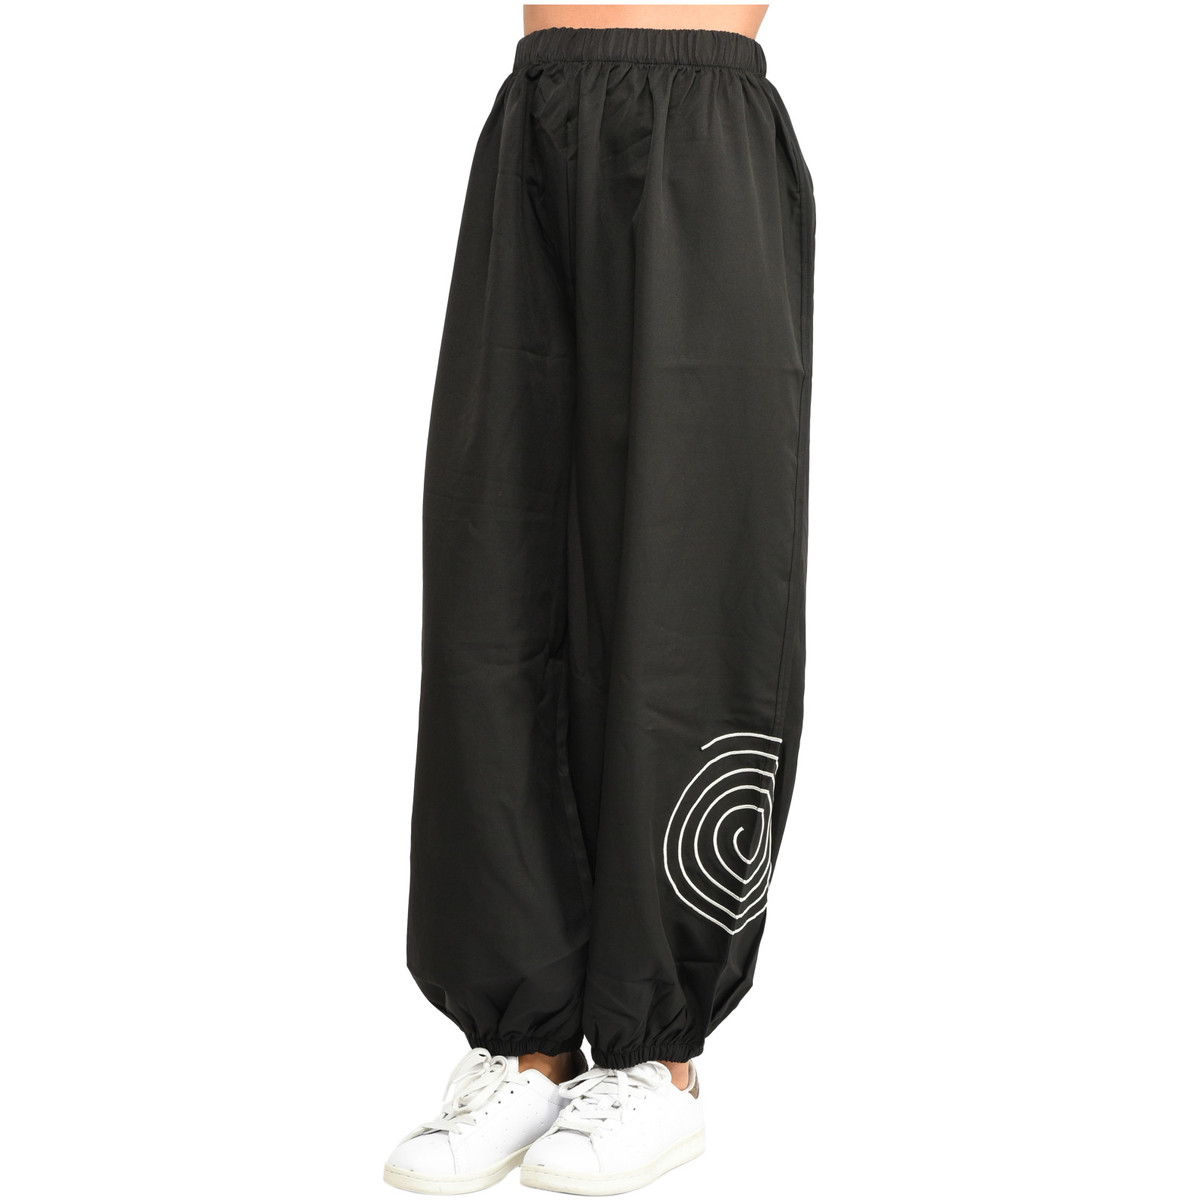 Pomme Rouge Pantalon Pantalon Rouge Pomme Rouge Rouge Pomme Pomme Pantalon Pantalon Pomme Pantalon Rouge Pomme ARL45j